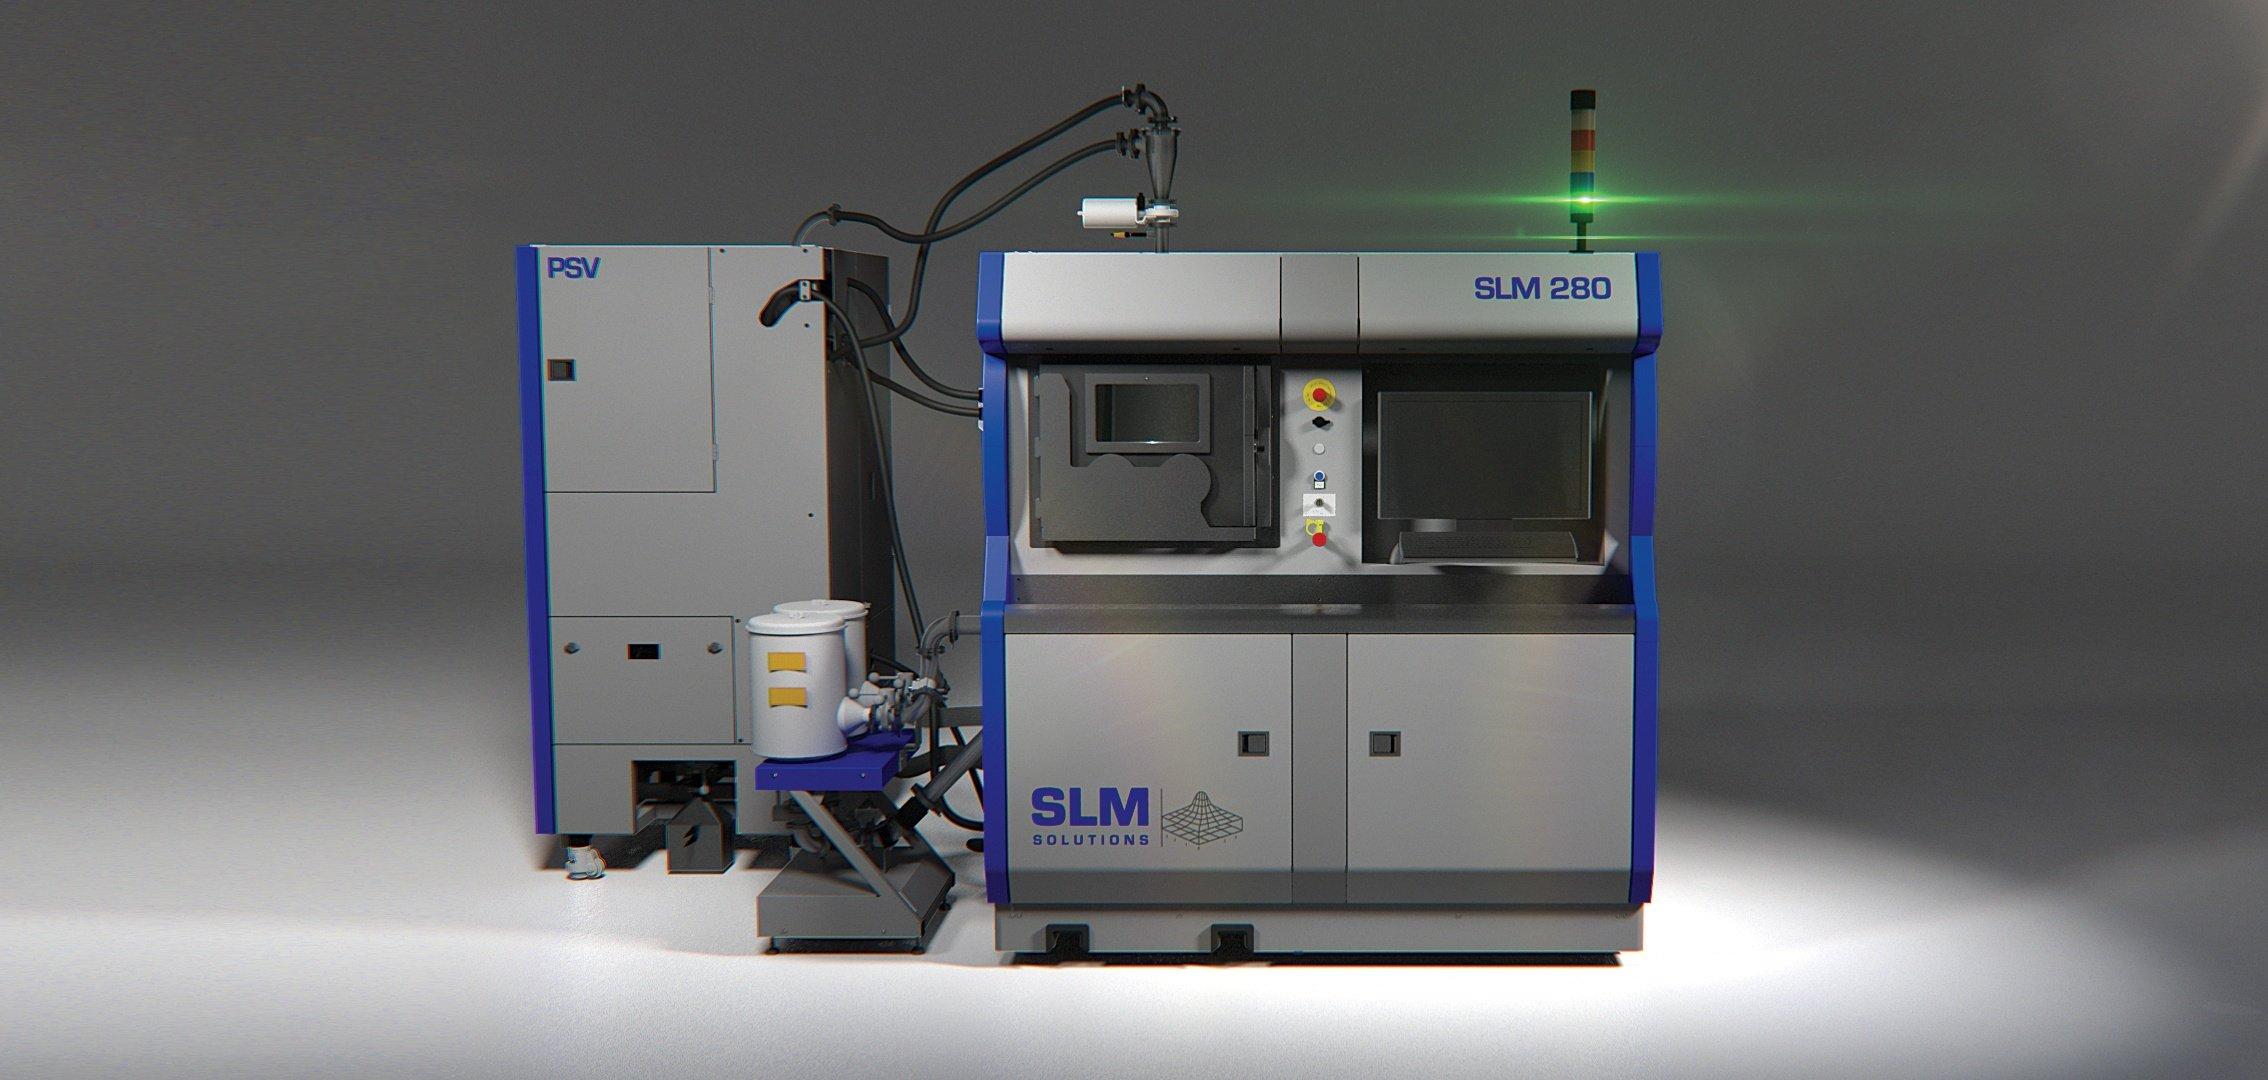 SLM 280 2.0 - новый 3D-принтер, работающий по технологии селективного лазерного плаления